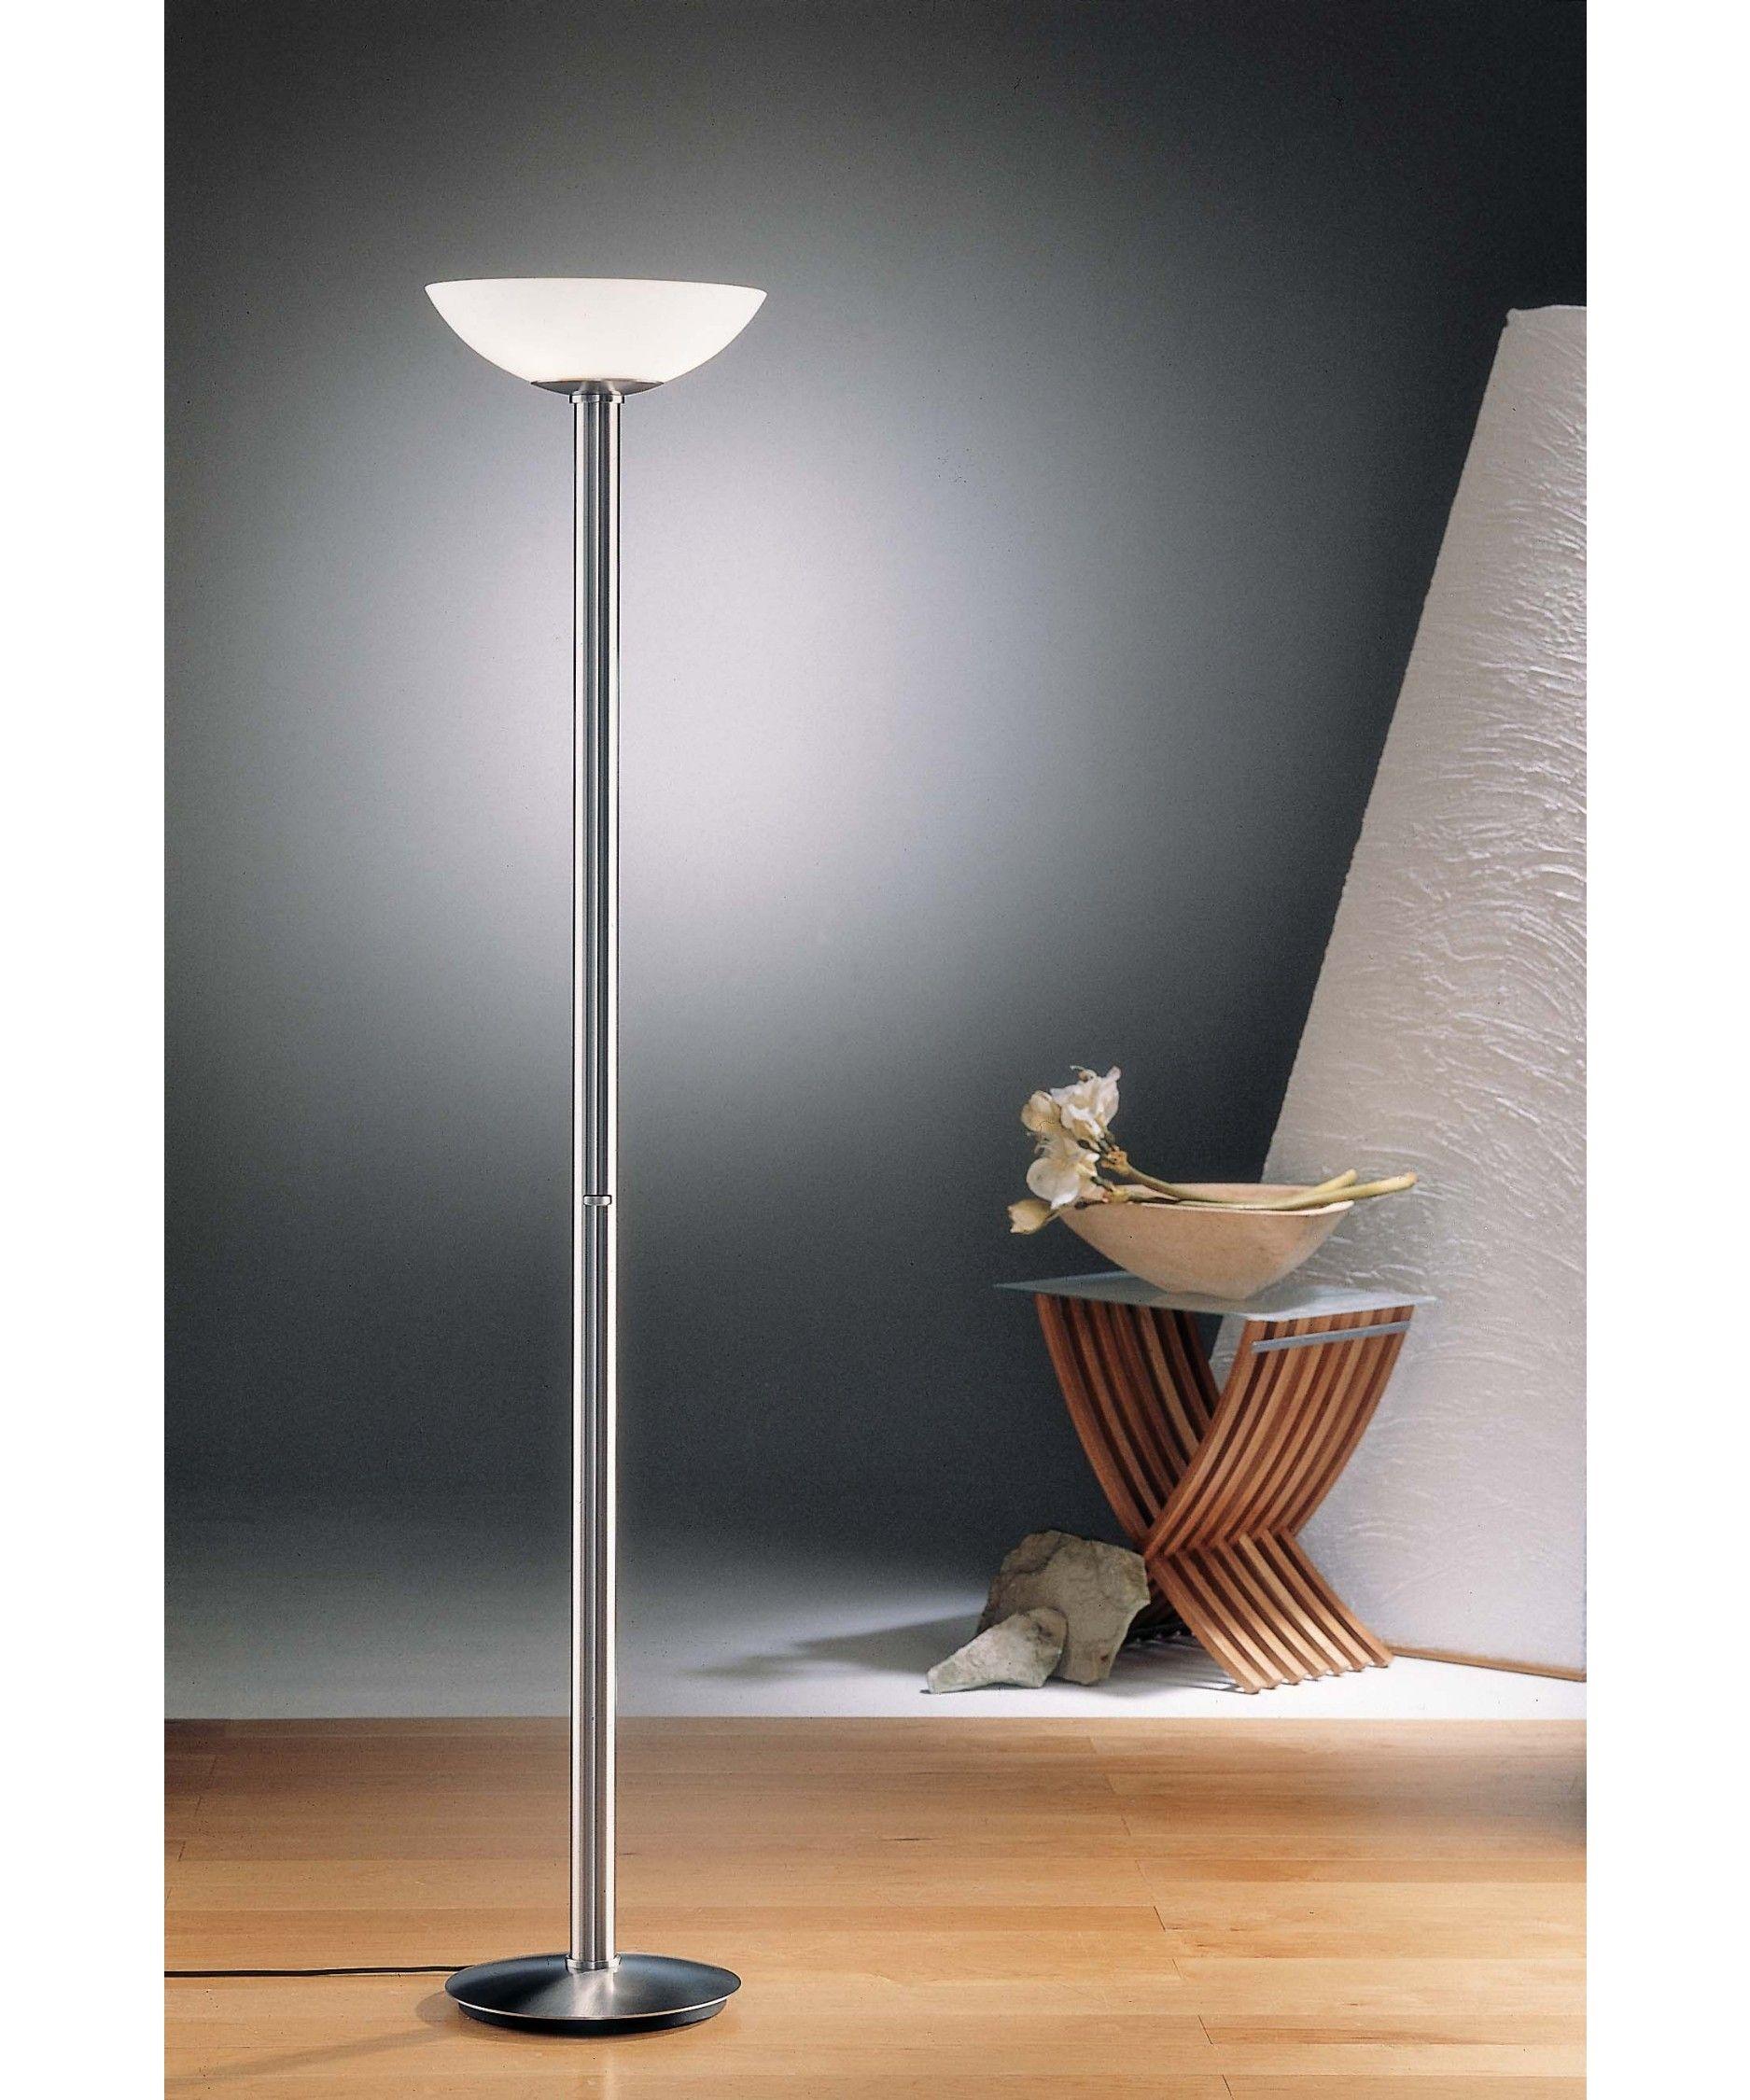 Halogen Stehlampe Halogen Floor Lamp Torchiere Floor Lamp Lamp